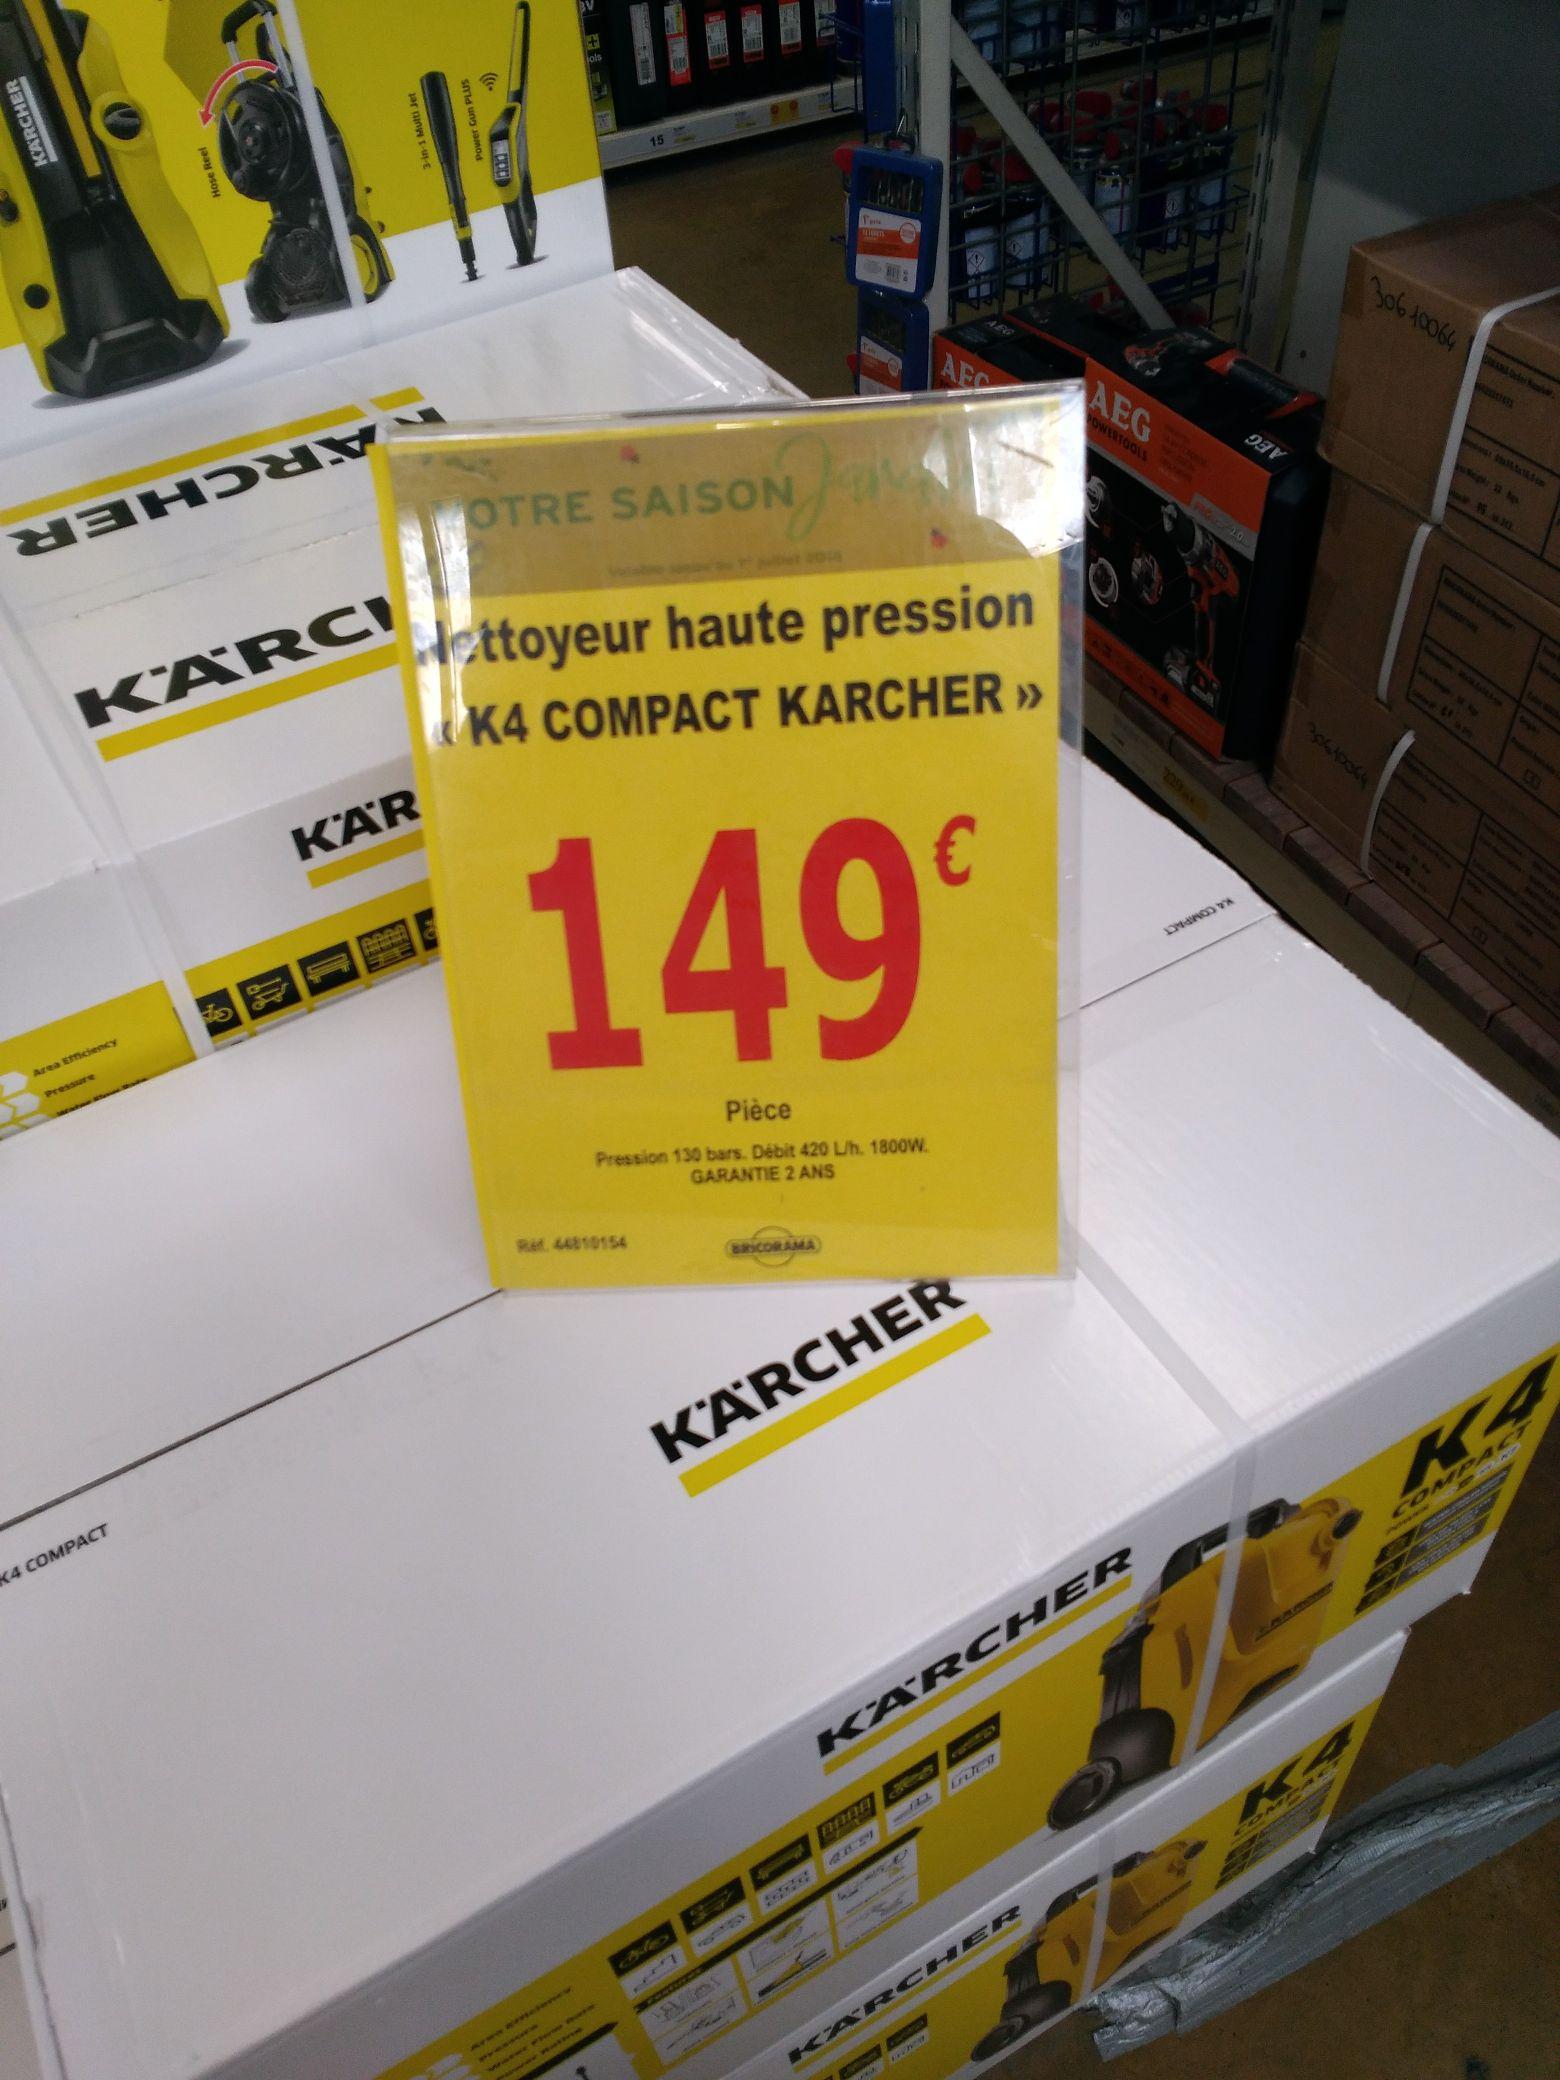 Nettoyeur haute pression Karcher K4 Compact - Soissons (02)